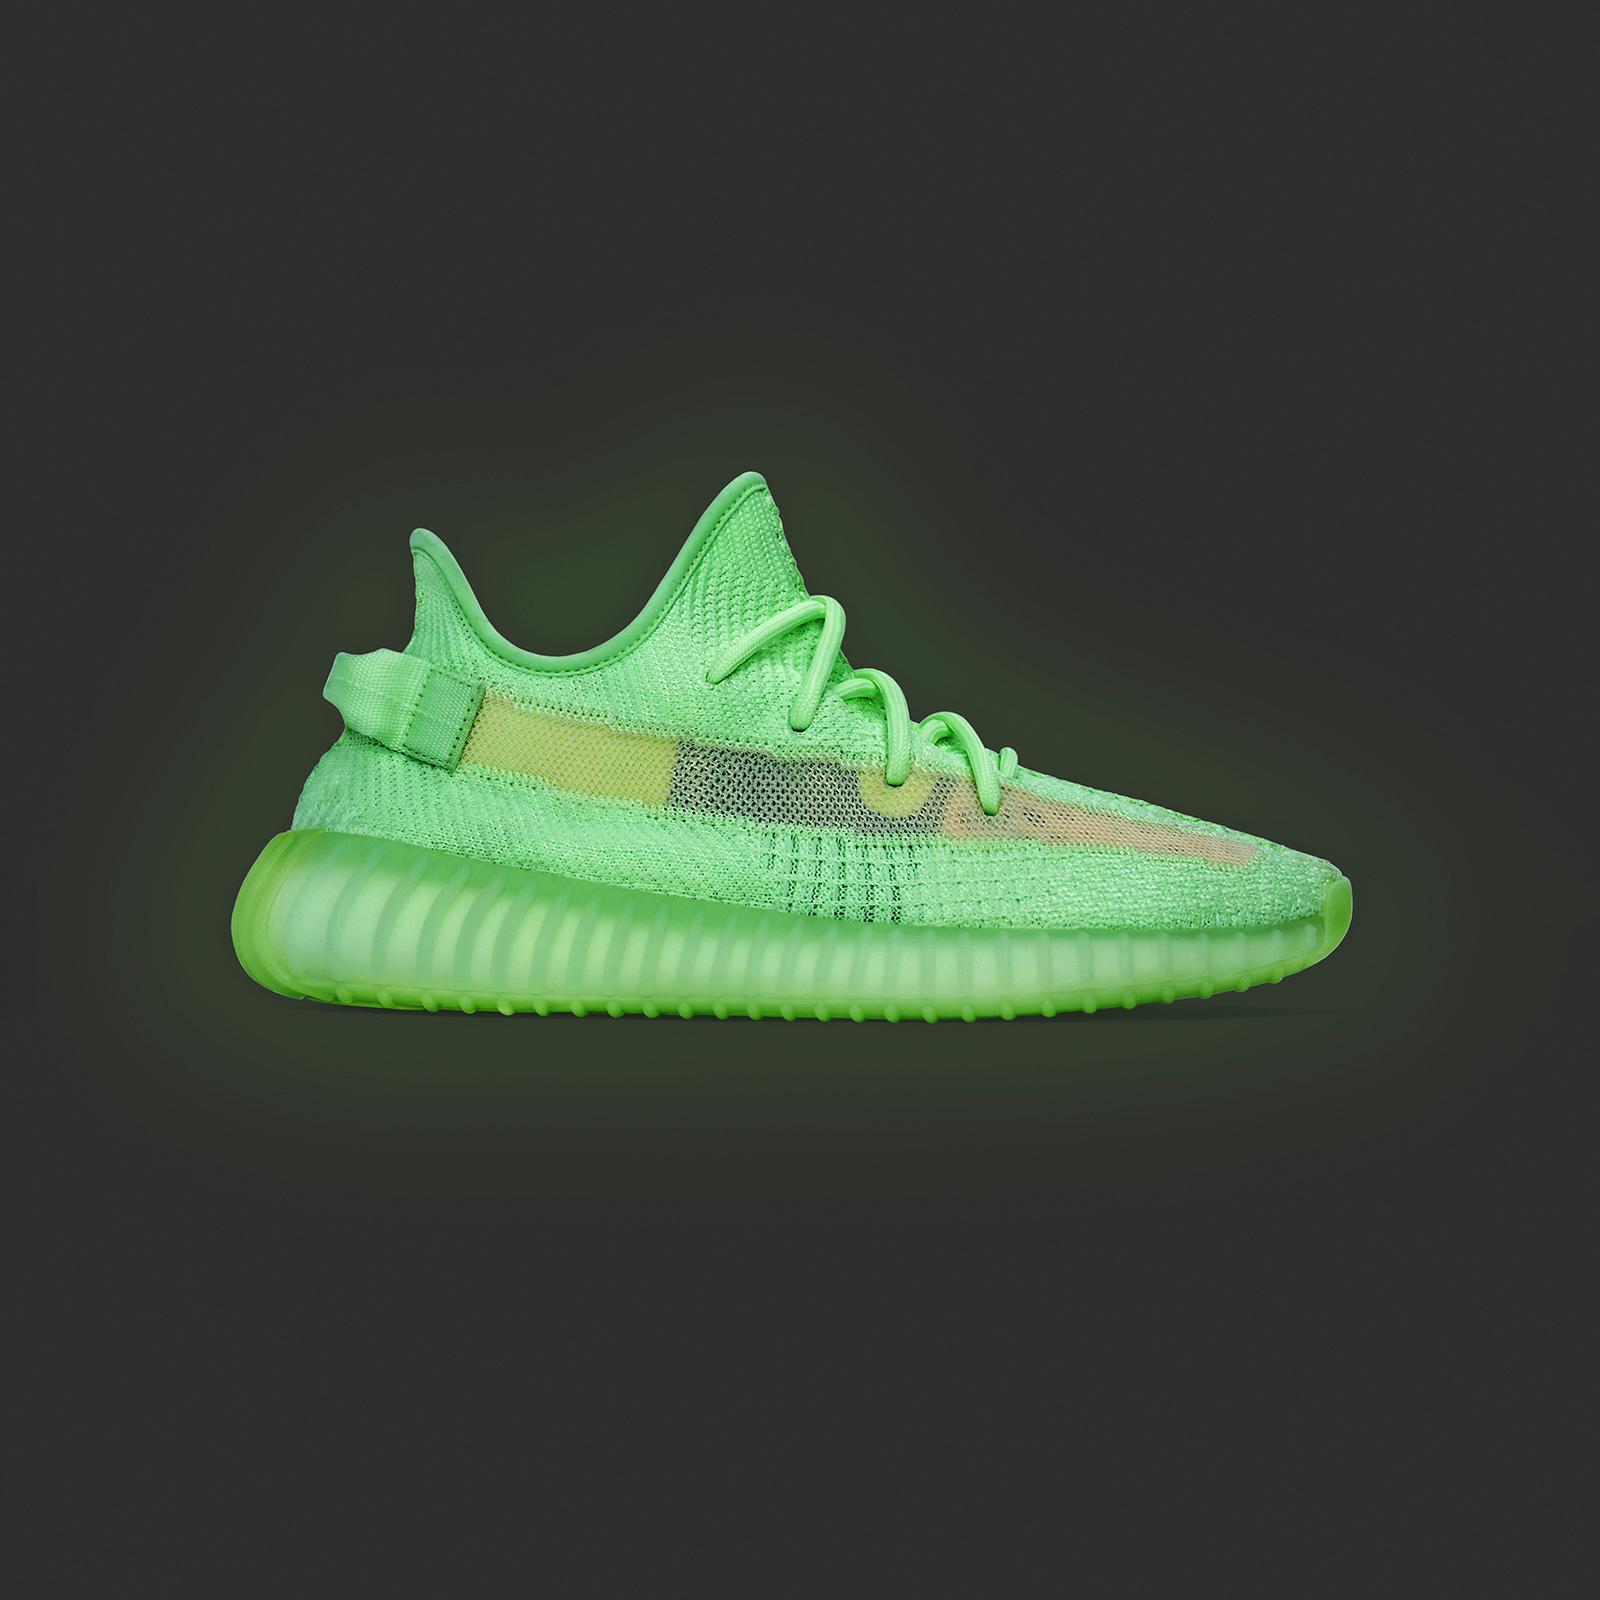 01-adidas-yeezy-boost-350-v2-glow-eg5293